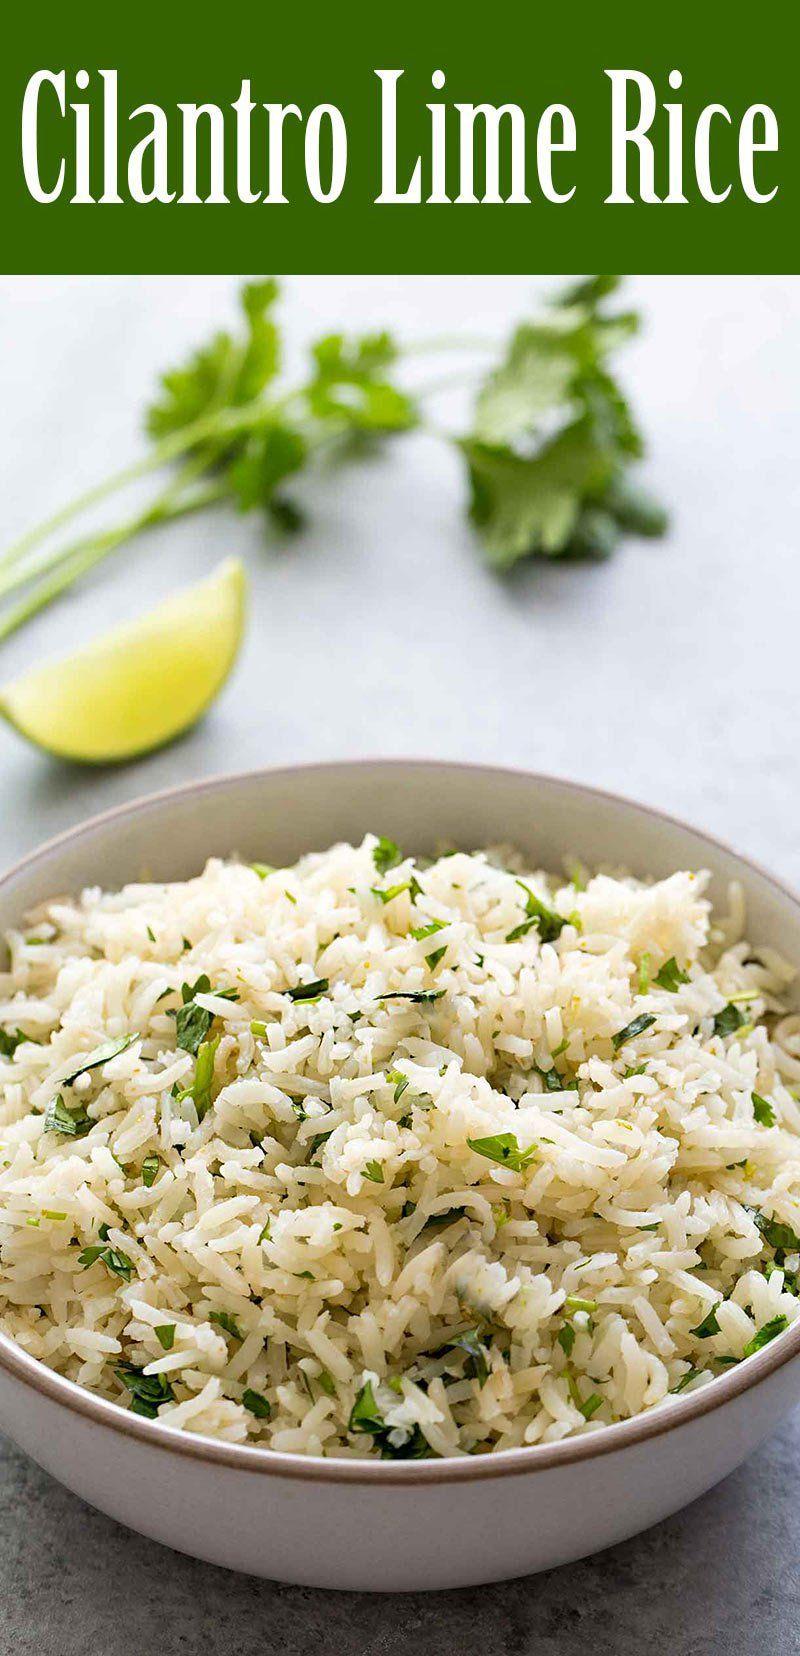 Cilantro Lime Rice Recipe (with Video) | SimplyRecipes.com